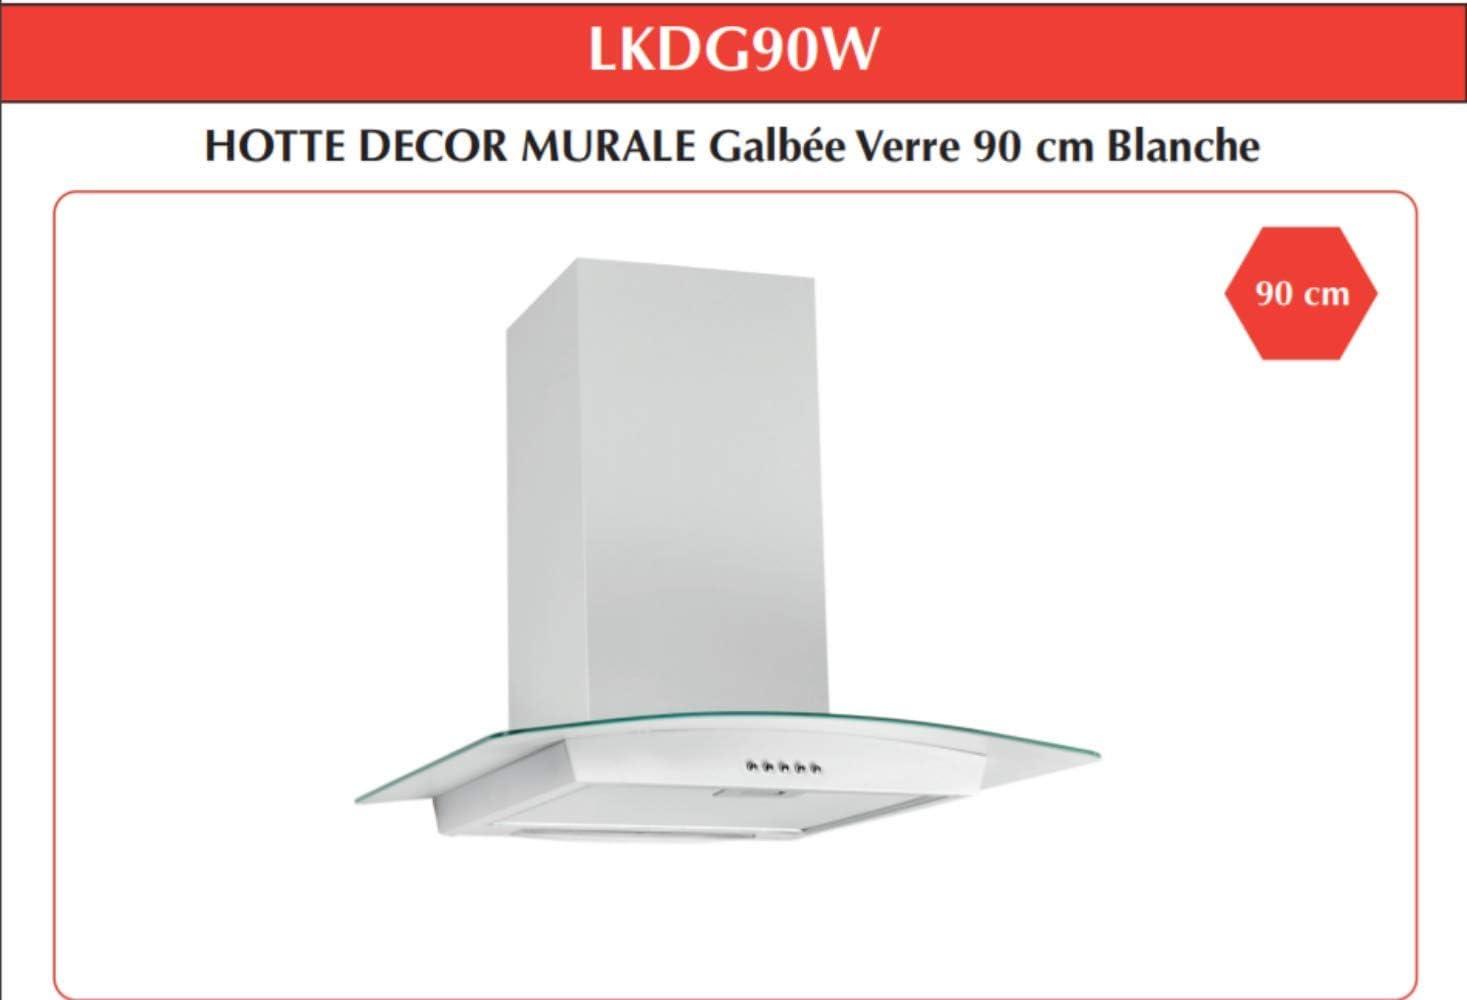 LINKEN LKDG60B – Campana decorativa de pared con cristal – 60 cm – Color negro – modo mixto con iluminación LED y controles mecánicos: Amazon.es: Bricolaje y herramientas